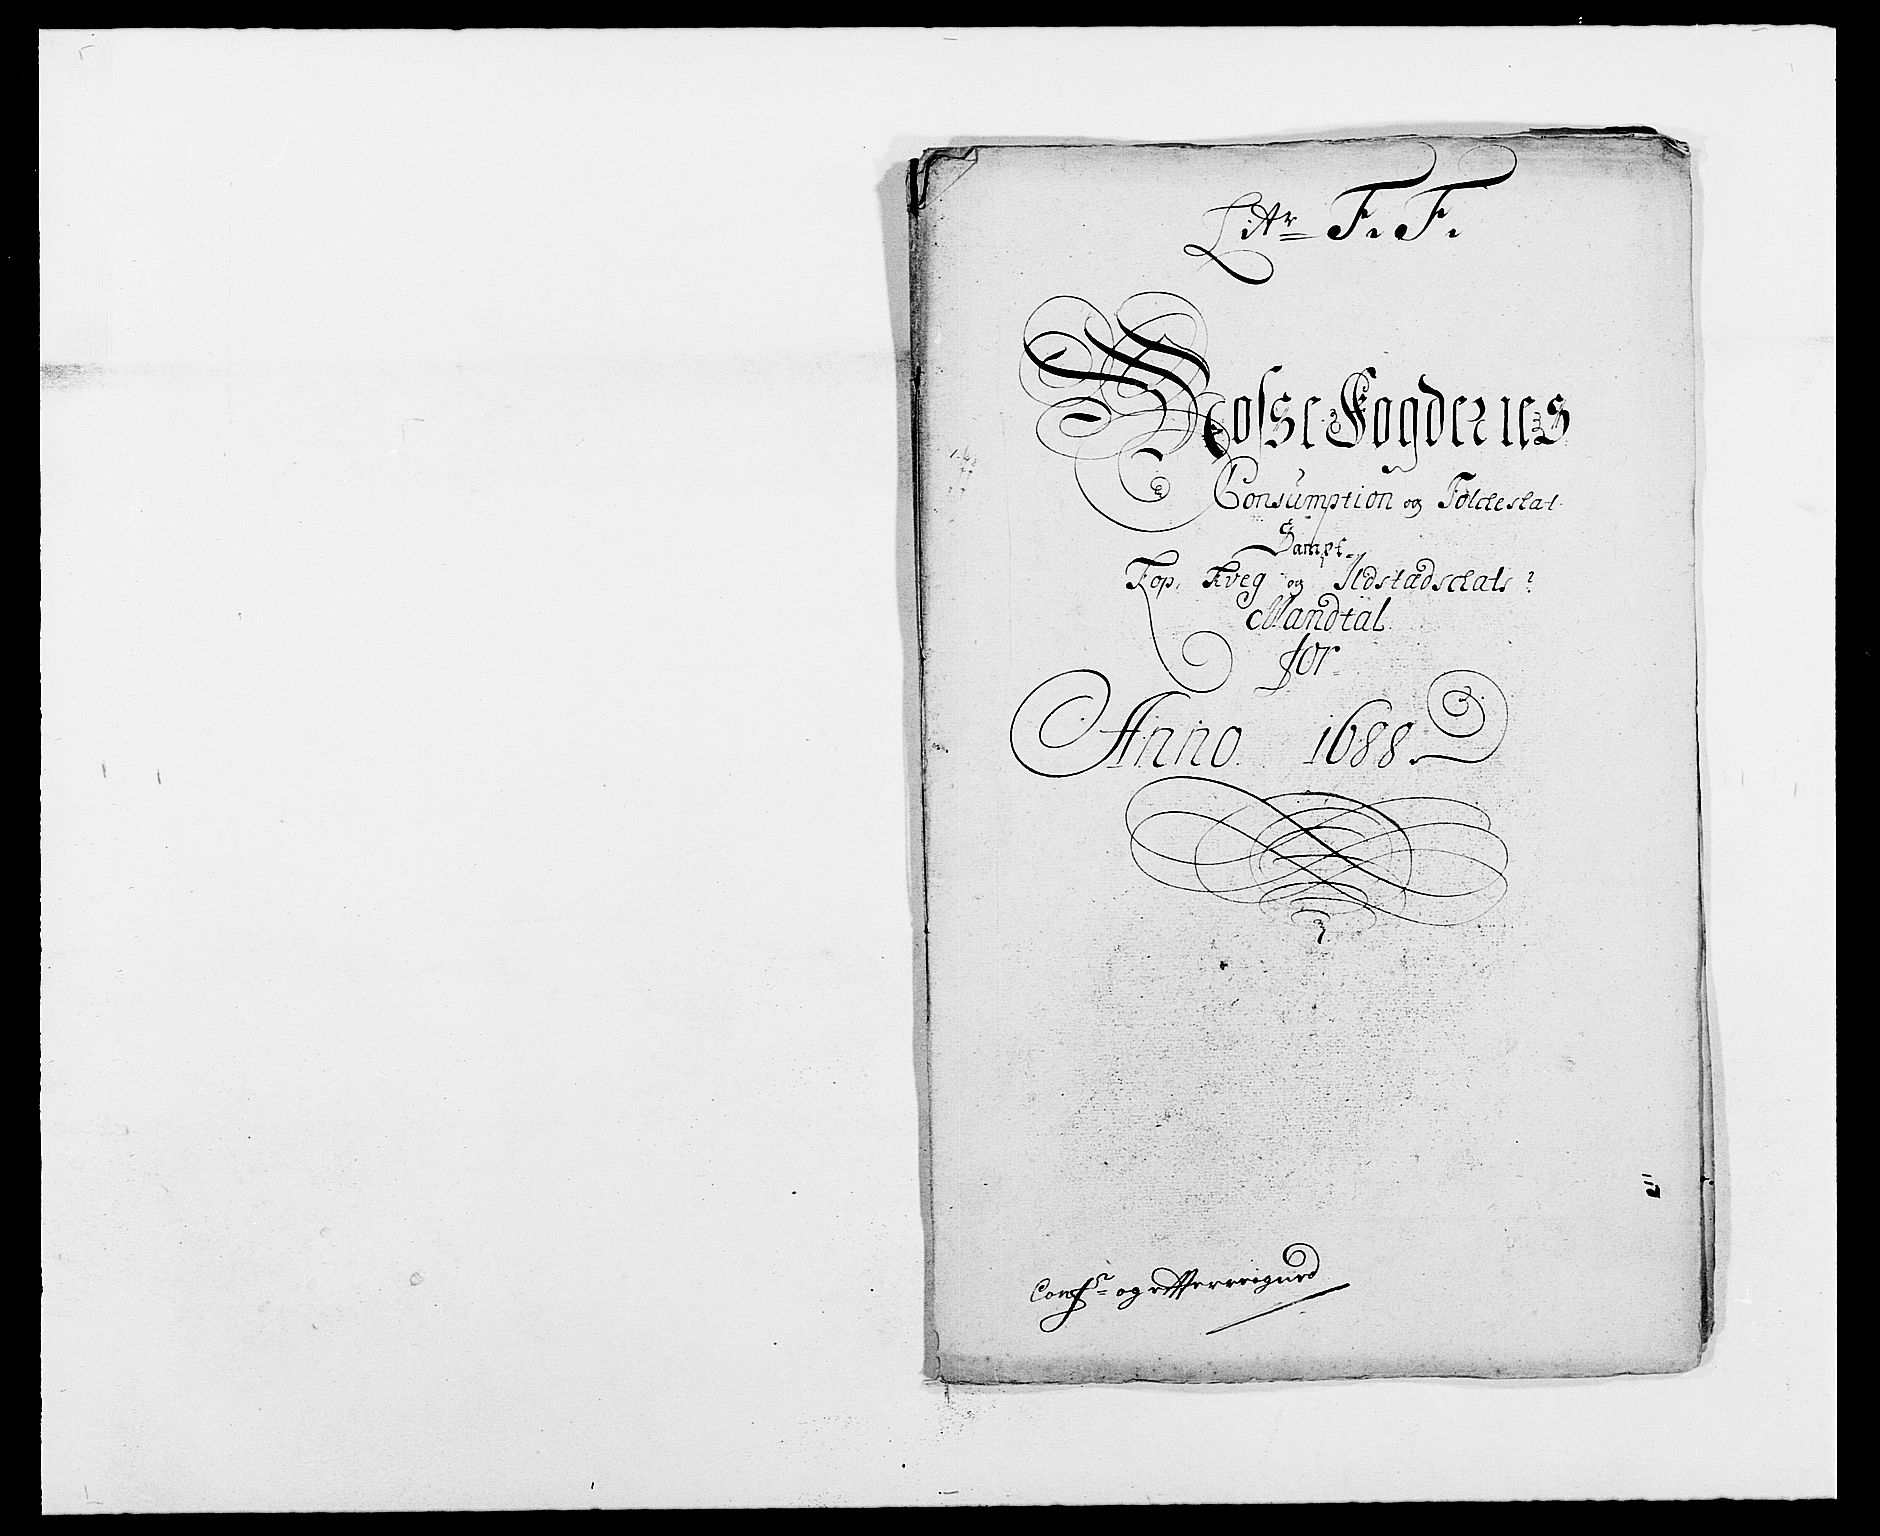 RA, Rentekammeret inntil 1814, Reviderte regnskaper, Fogderegnskap, R02/L0106: Fogderegnskap Moss og Verne kloster, 1688-1691, s. 124